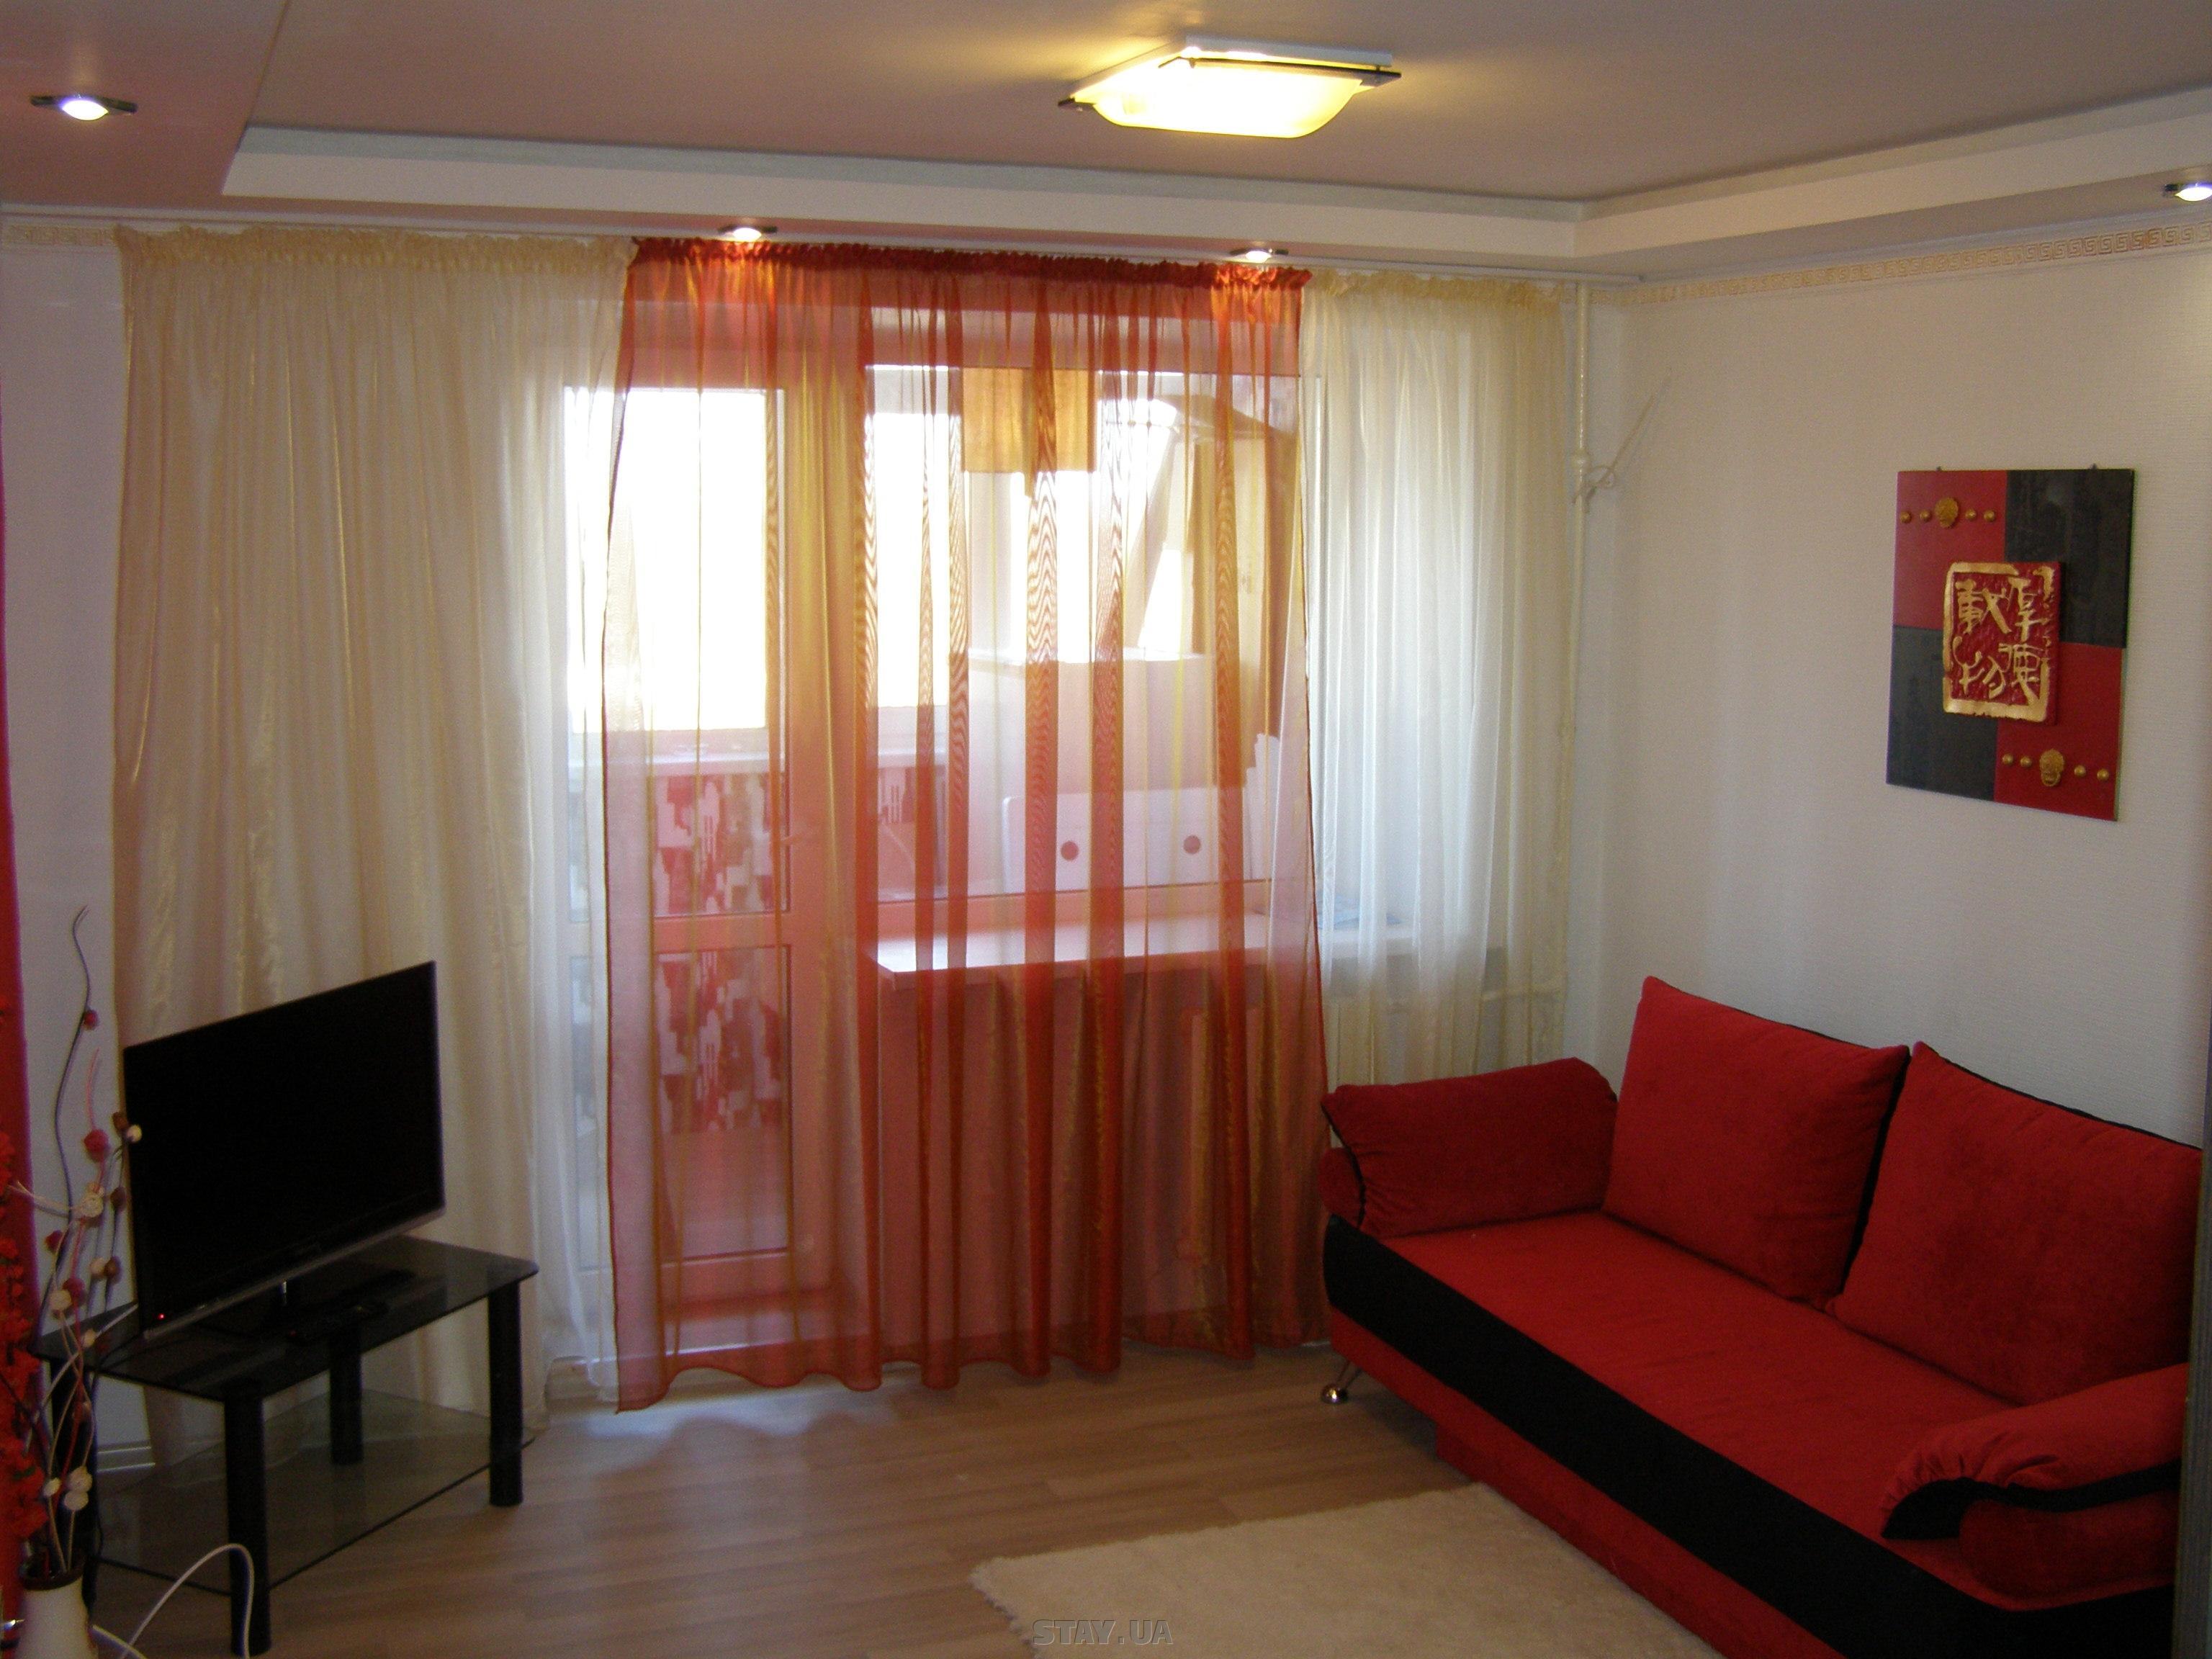 случае термобельем 1 комнатная квартира в вильнюсская 4 расцветок